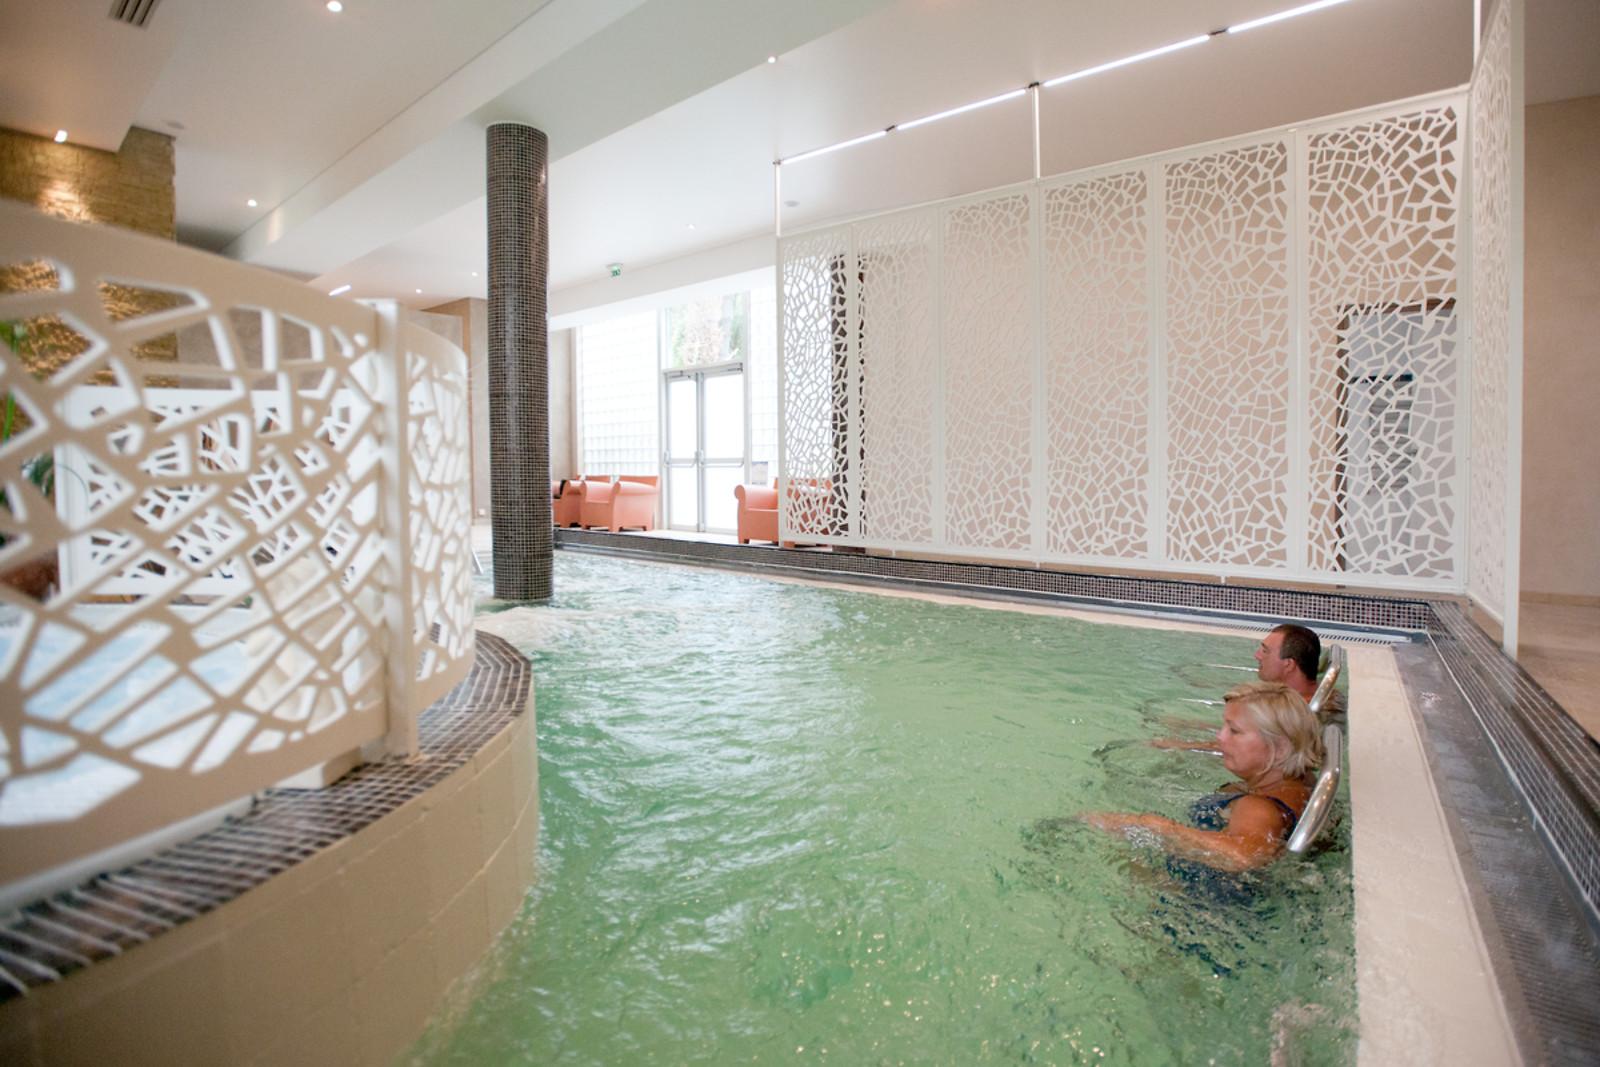 Espace d tente et bain l 39 institut quintessia orvault for Piscine orvault